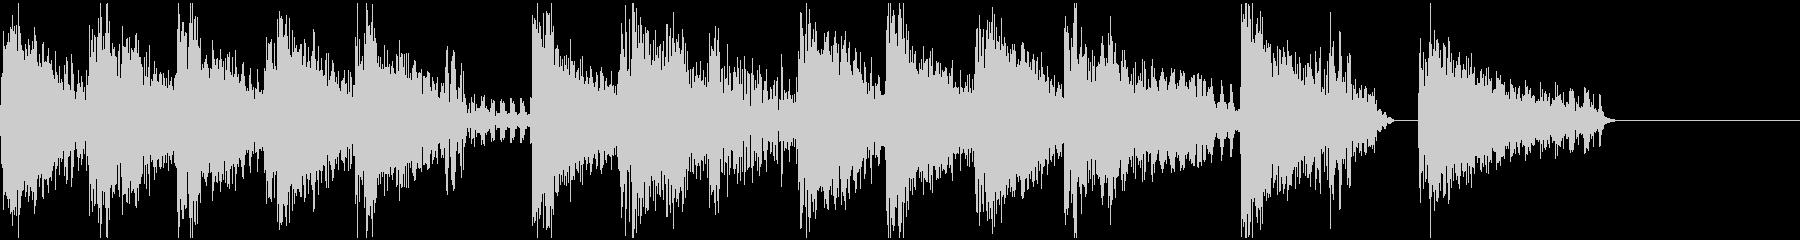 ファミコン・ゲーム風  ジングル3の未再生の波形